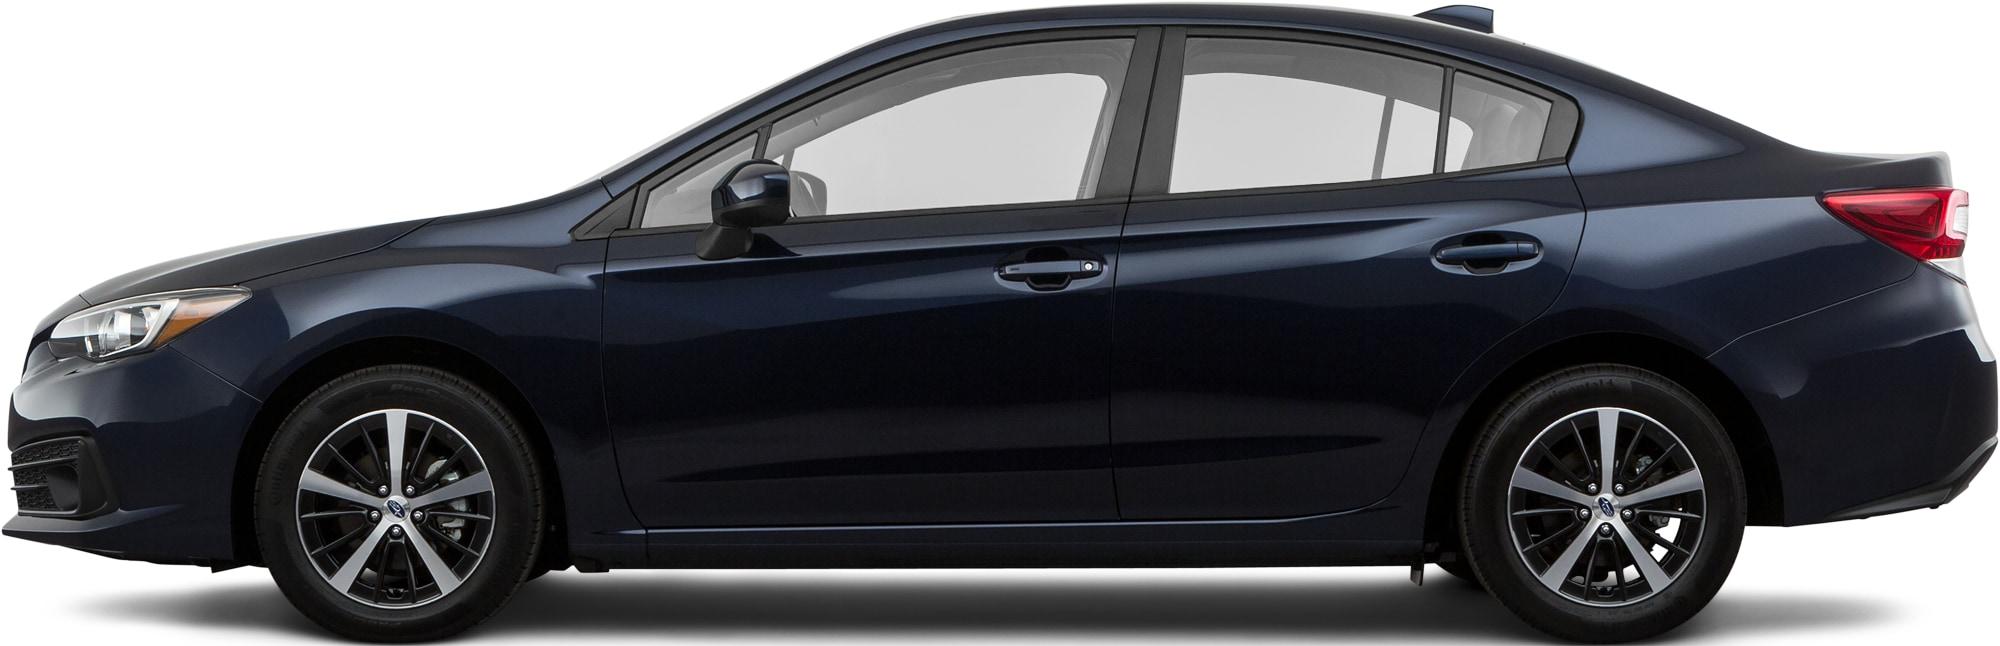 2021 Subaru Impreza Sedan Premium